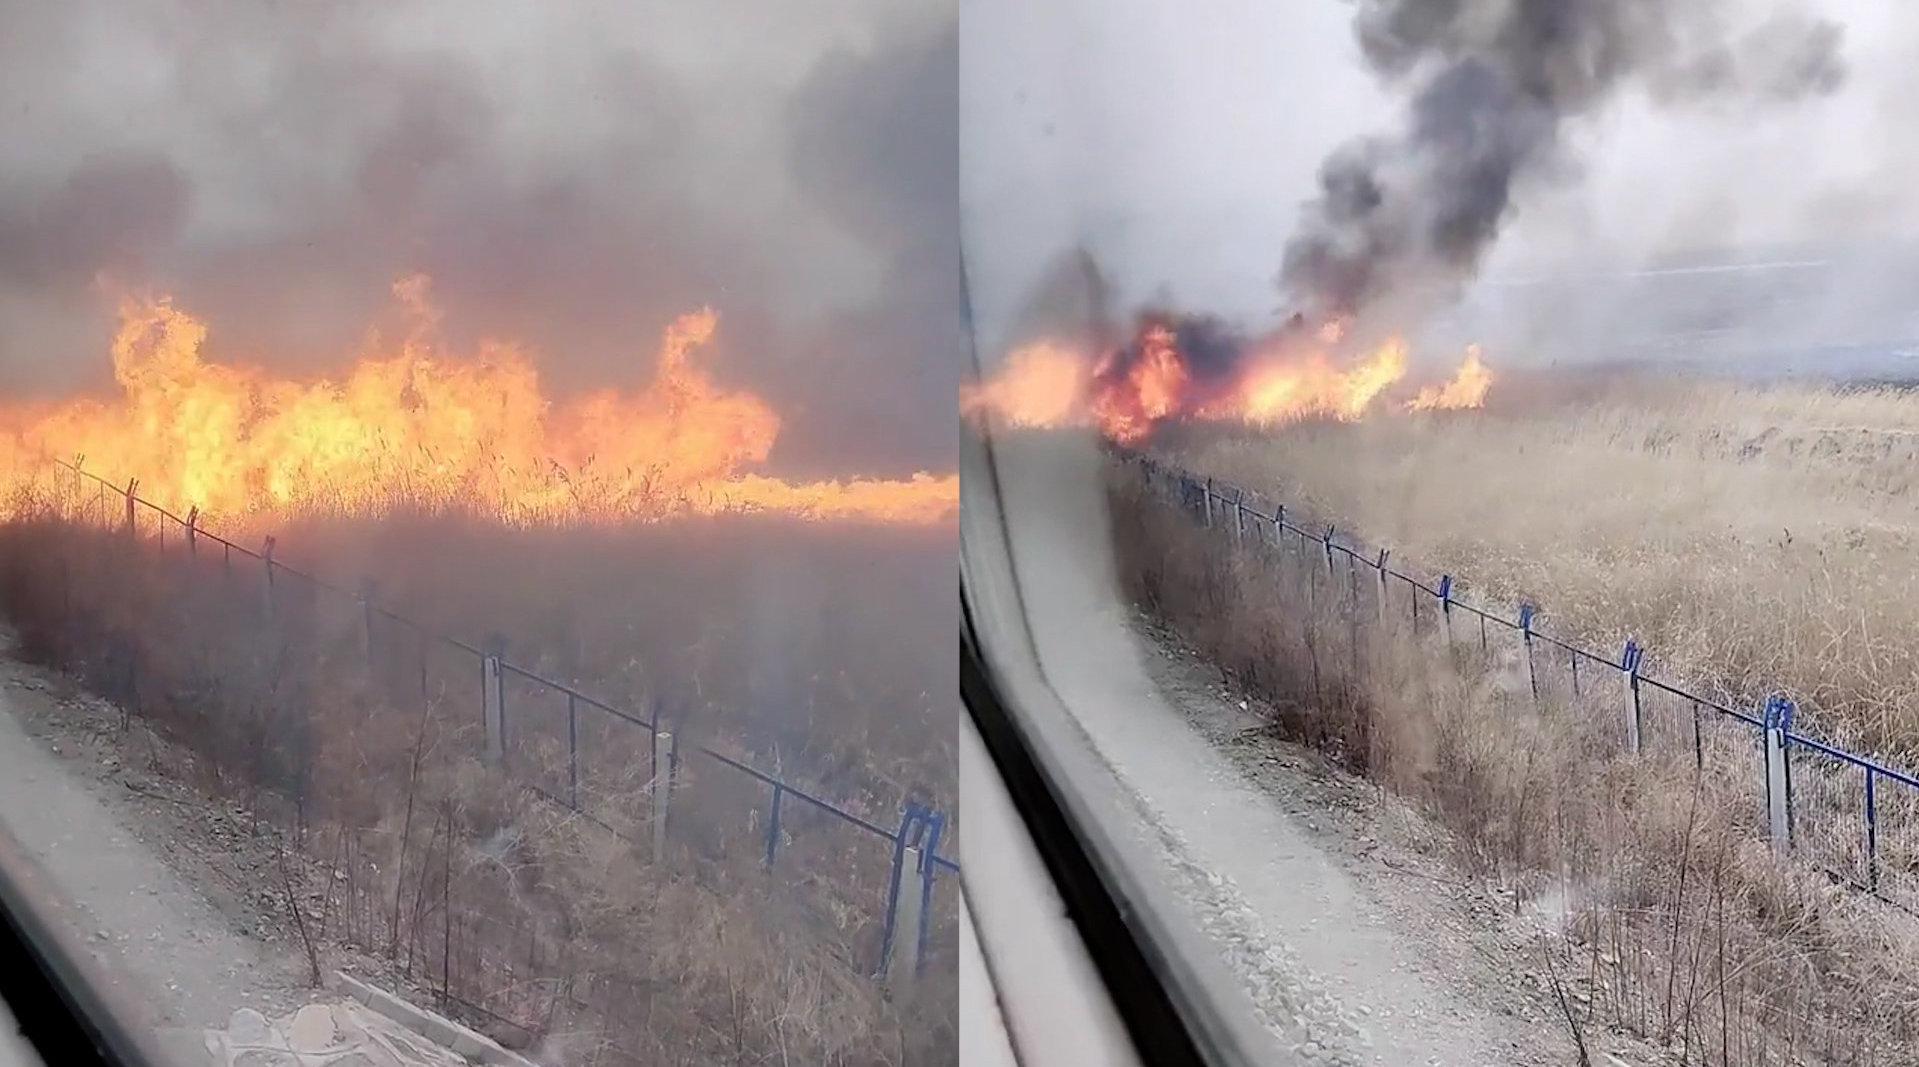 铁路旁起火逼停列车